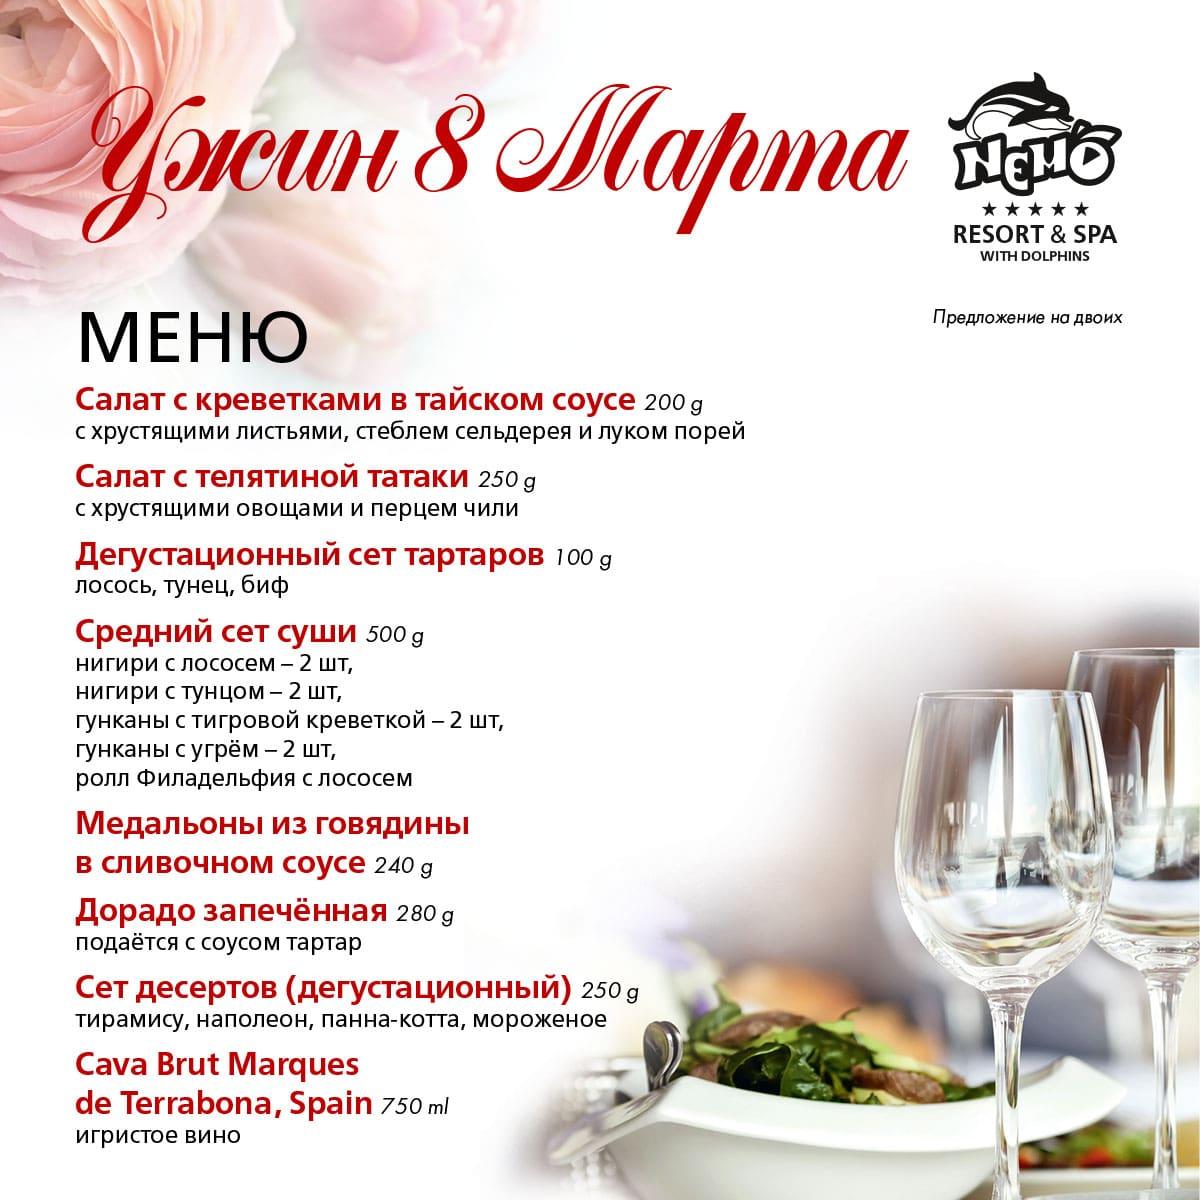 меню ресторану, фото